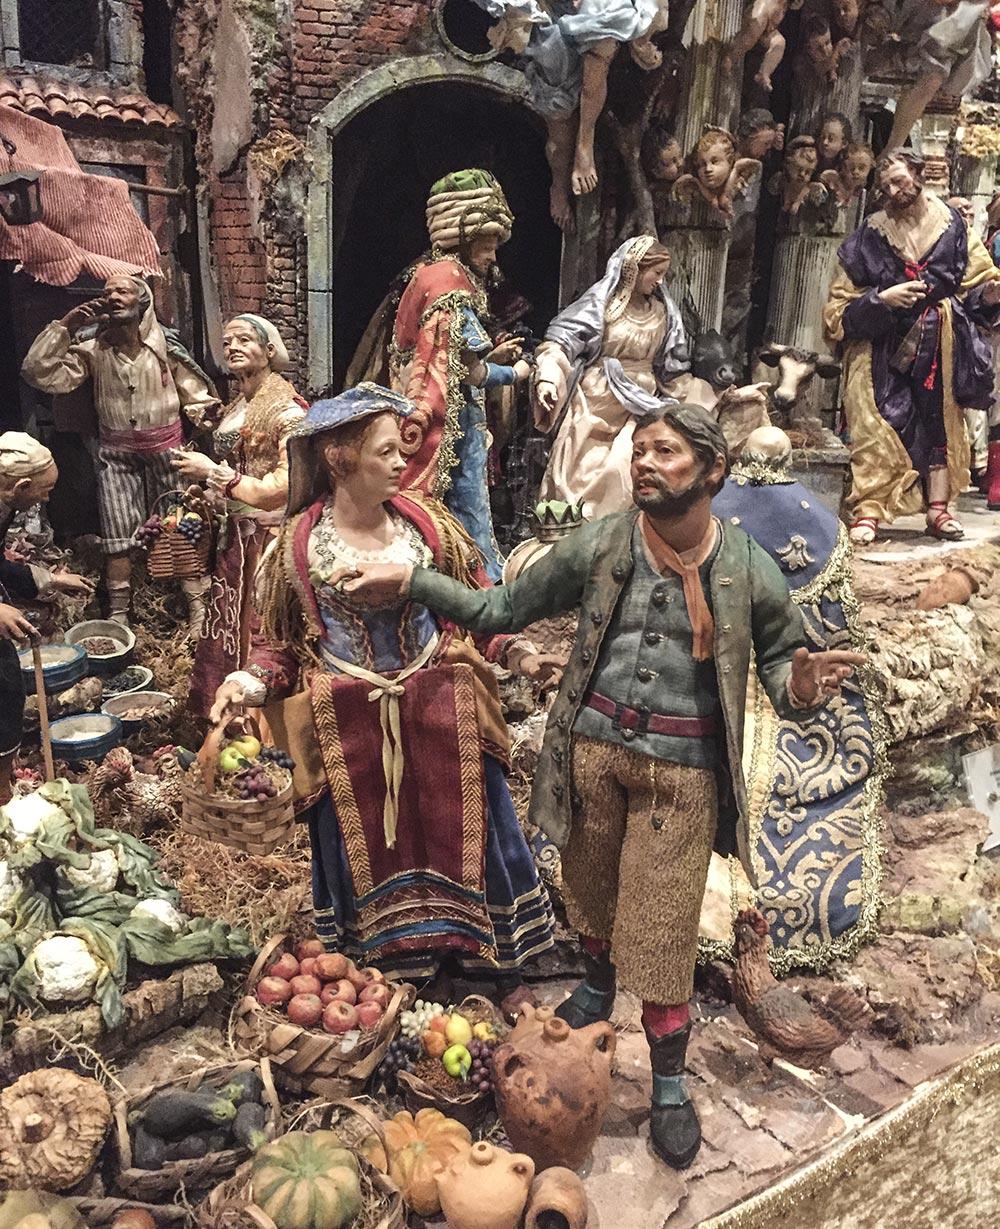 Szenen aus der neapolitanischen presepe